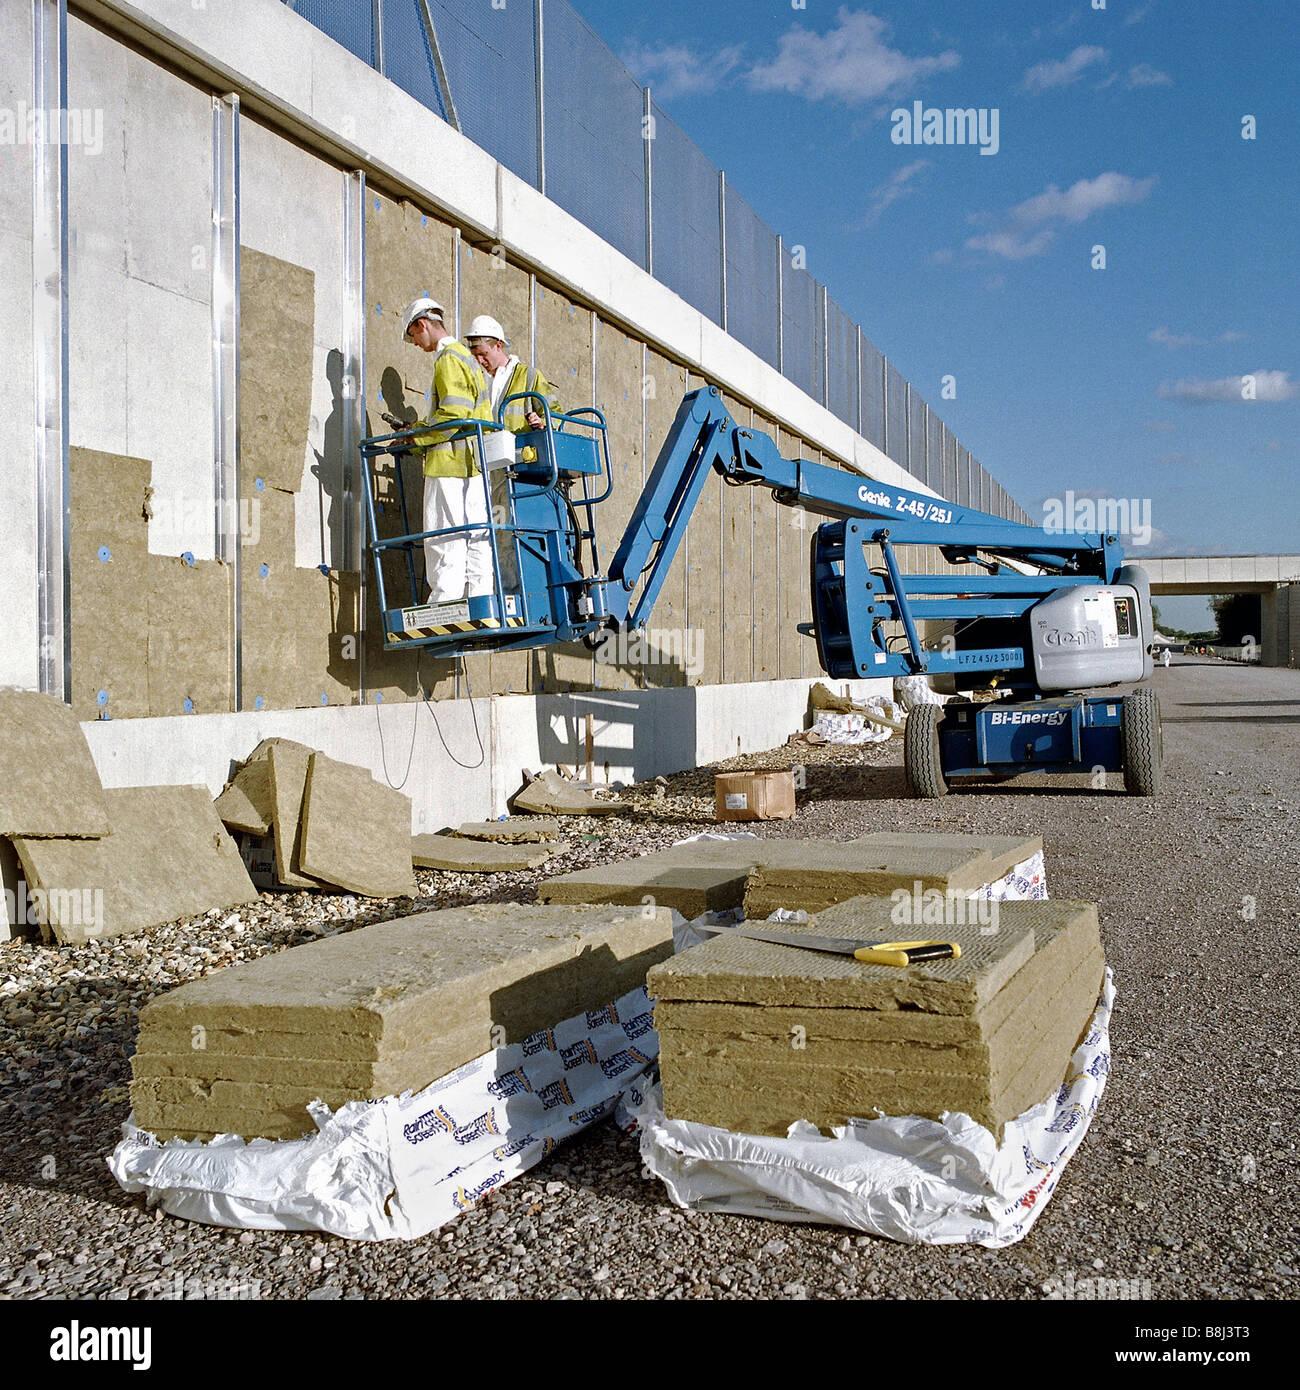 Instalación de material de insonorización para reducir los niveles de ruido de trenes a lo largo de la ruta del Channel Tunnel Rail Link. Foto de stock